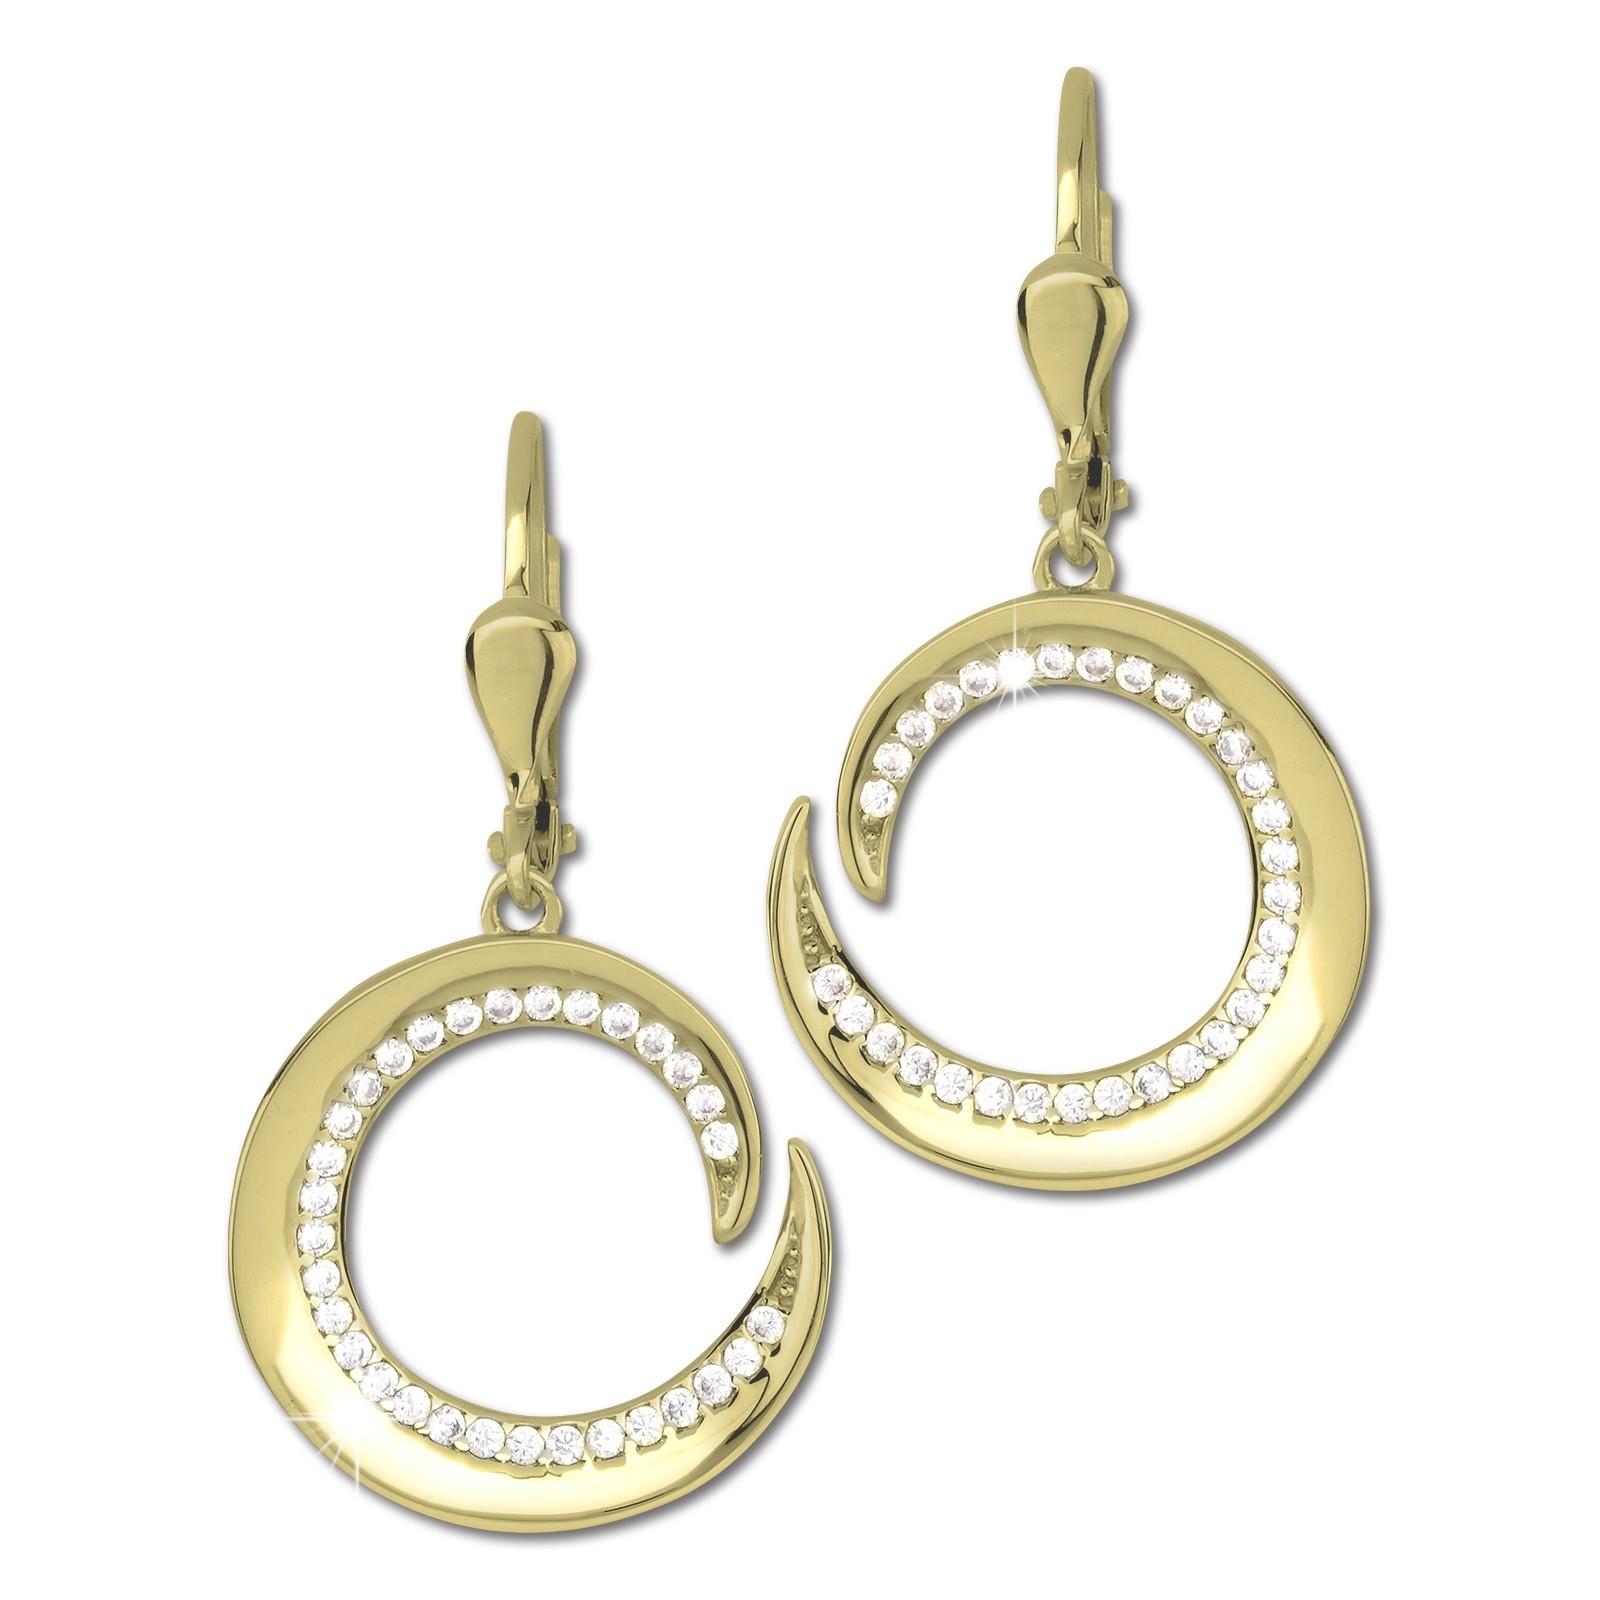 GoldDream Ohrhänger Spirale Zirkonia weiß Ohrring 333er Gold GDO5650Y